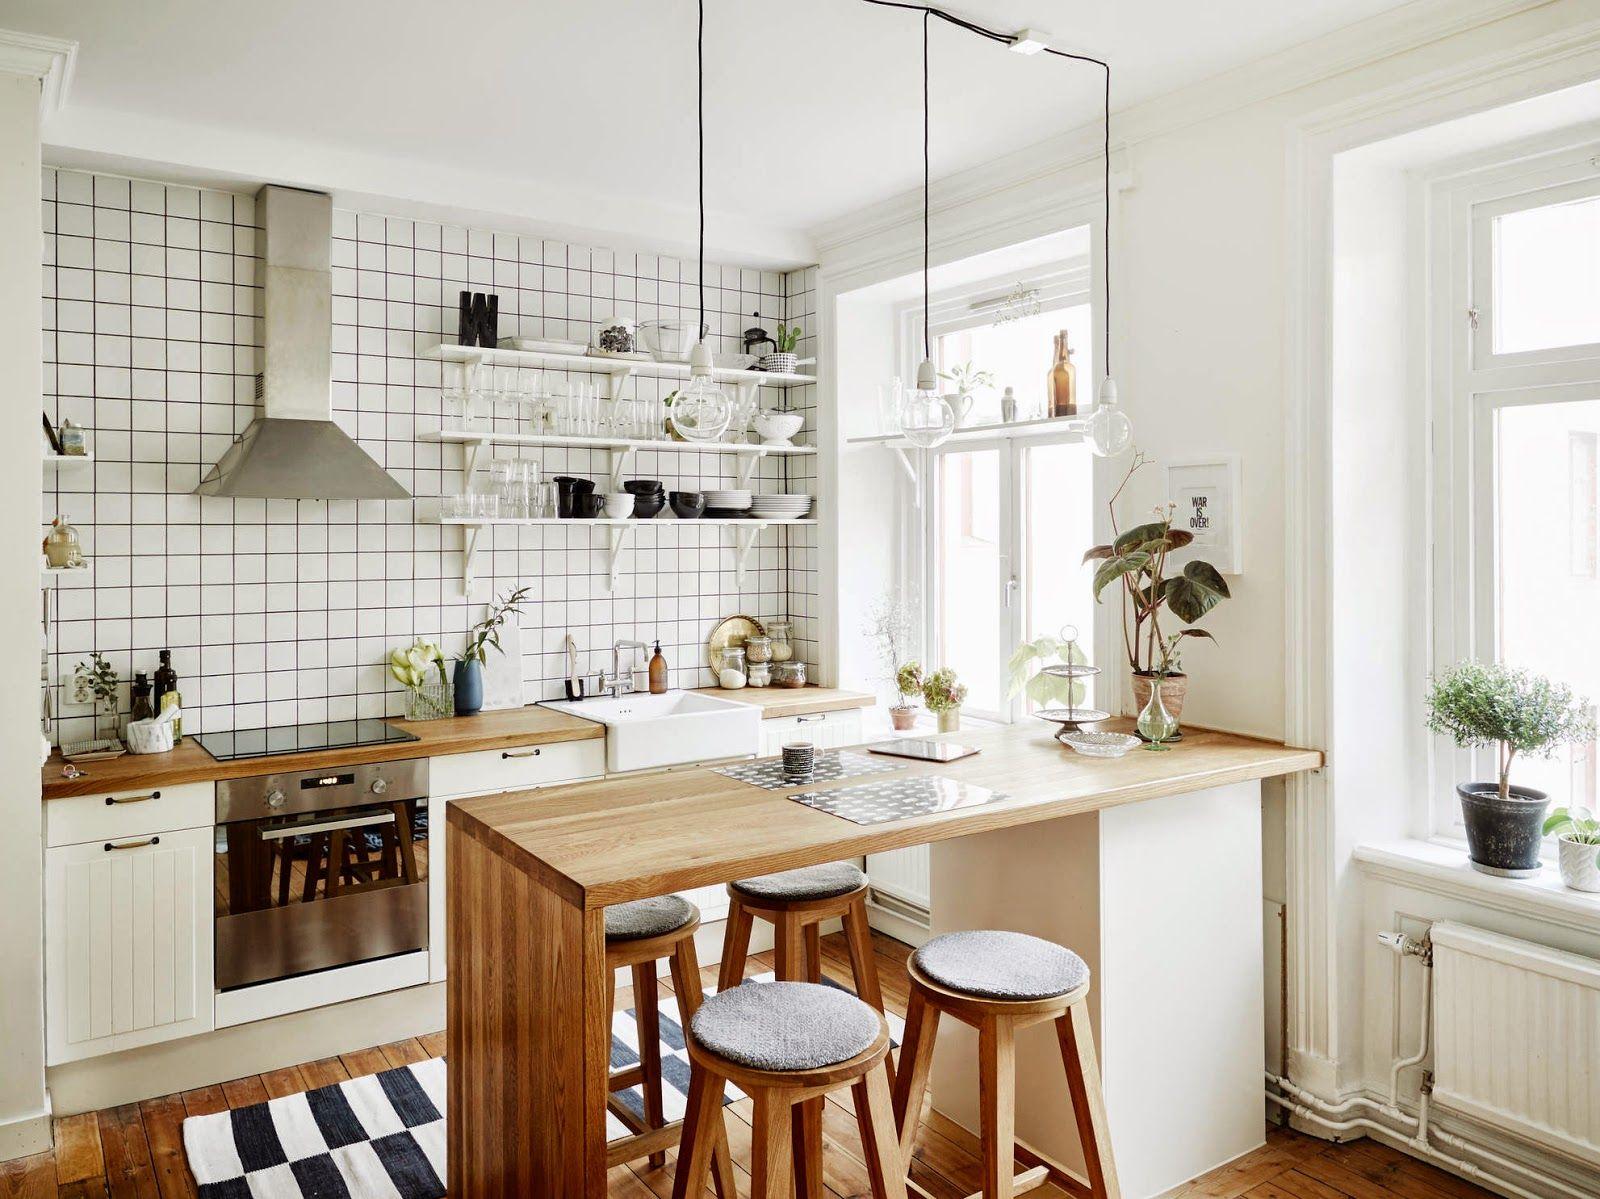 Related image | baceli ev | Pinterest | Cocinas, Cocina pequeña y Hogar